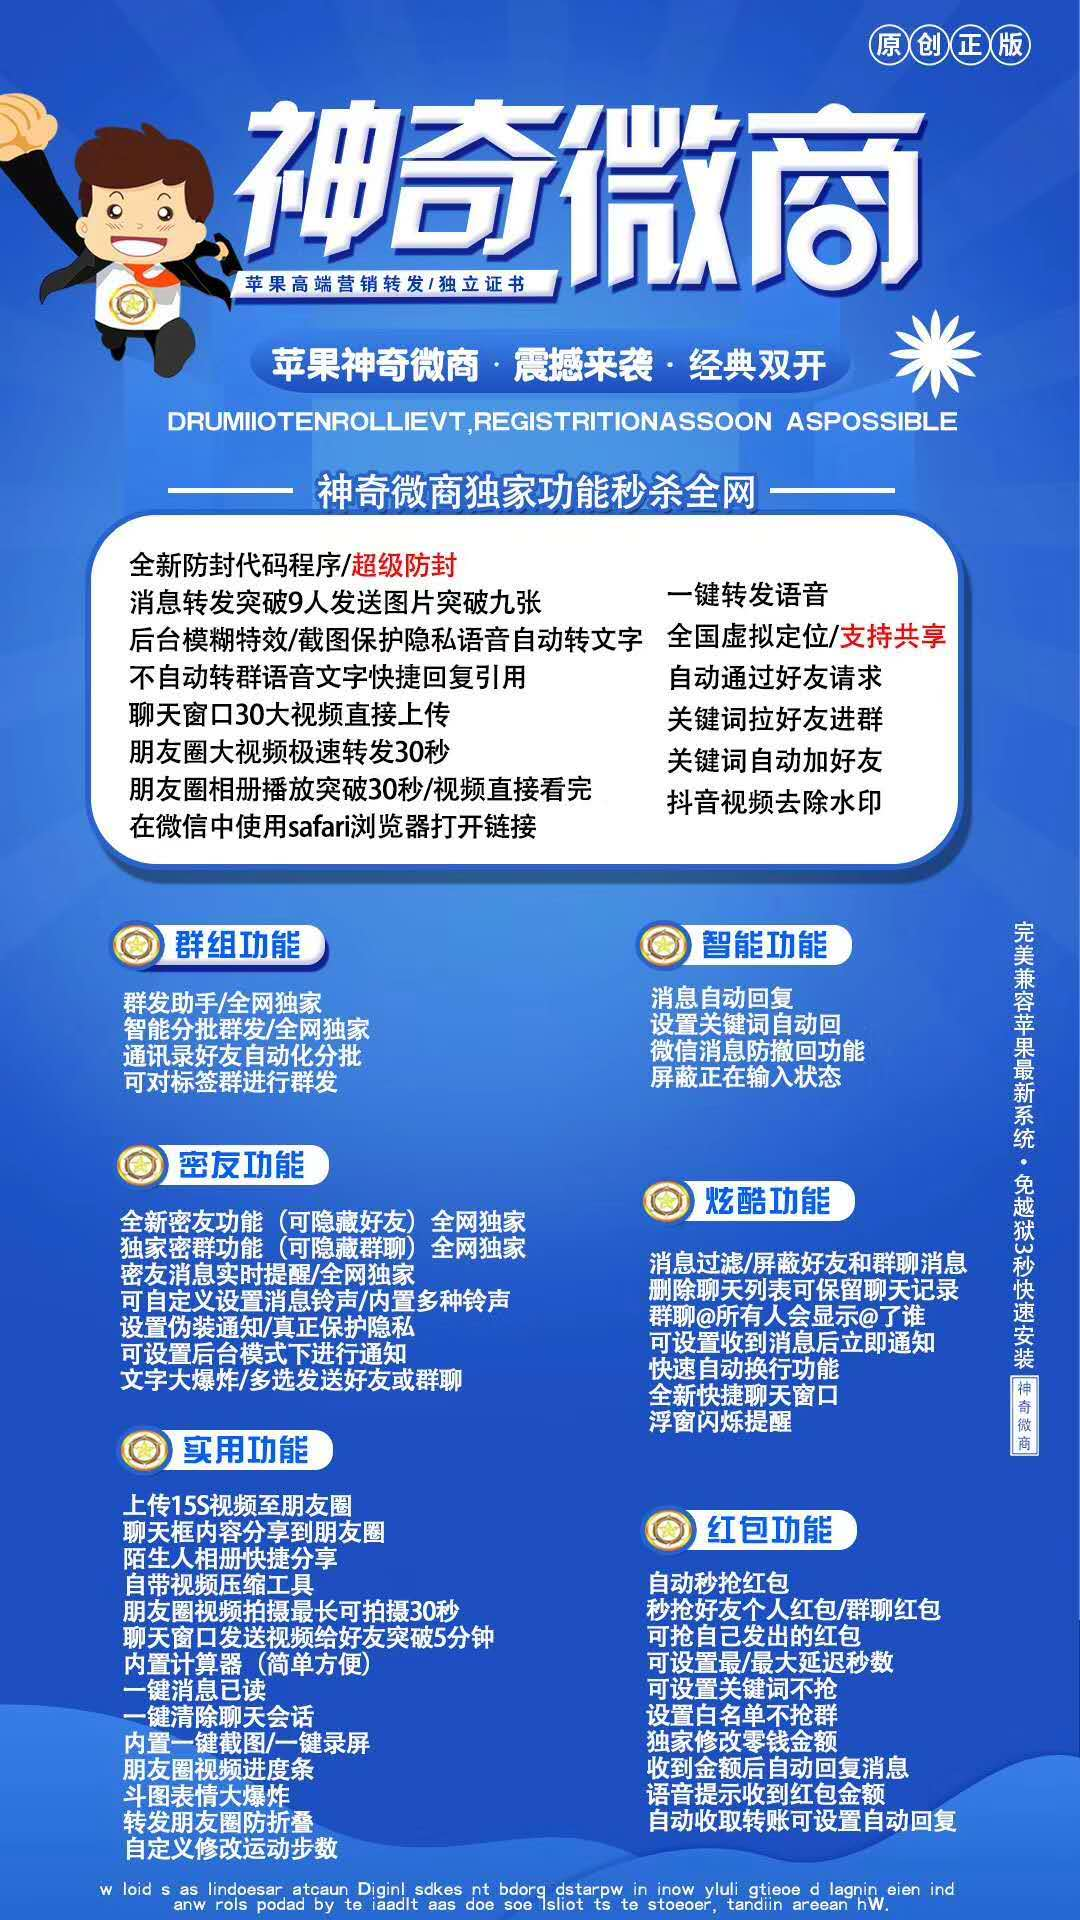 【苹果神奇微商官网】微信多开一键转发下载/激活码购买